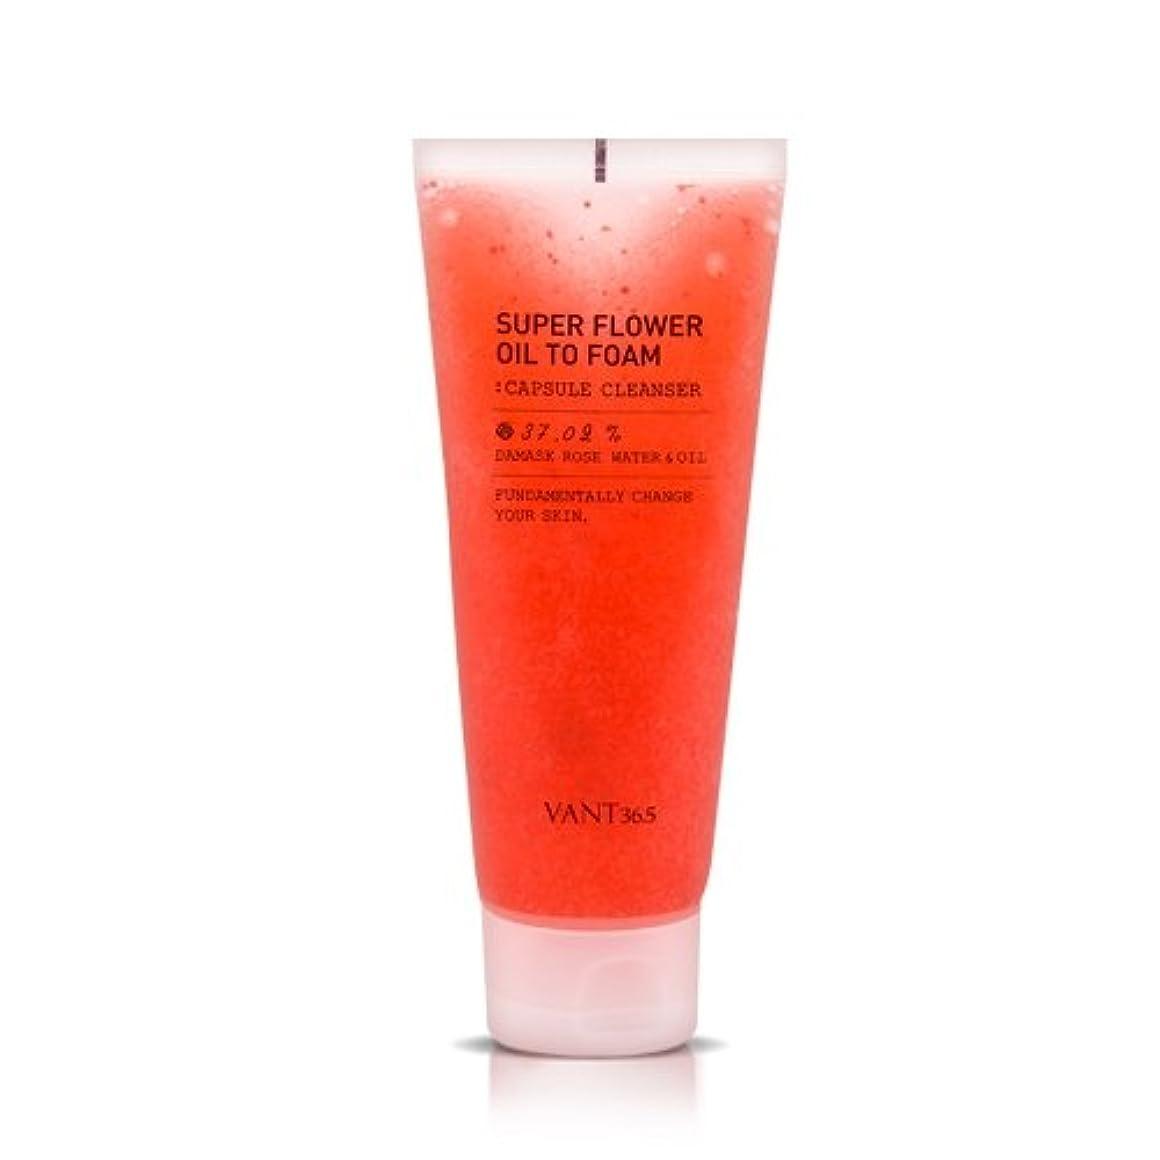 パットクラシカル広告主[New] VANT36.5 Super Flower Oil To Foam 120ml/バント36.5 スーパー フラワー オイル トゥ フォーム 120ml [並行輸入品]